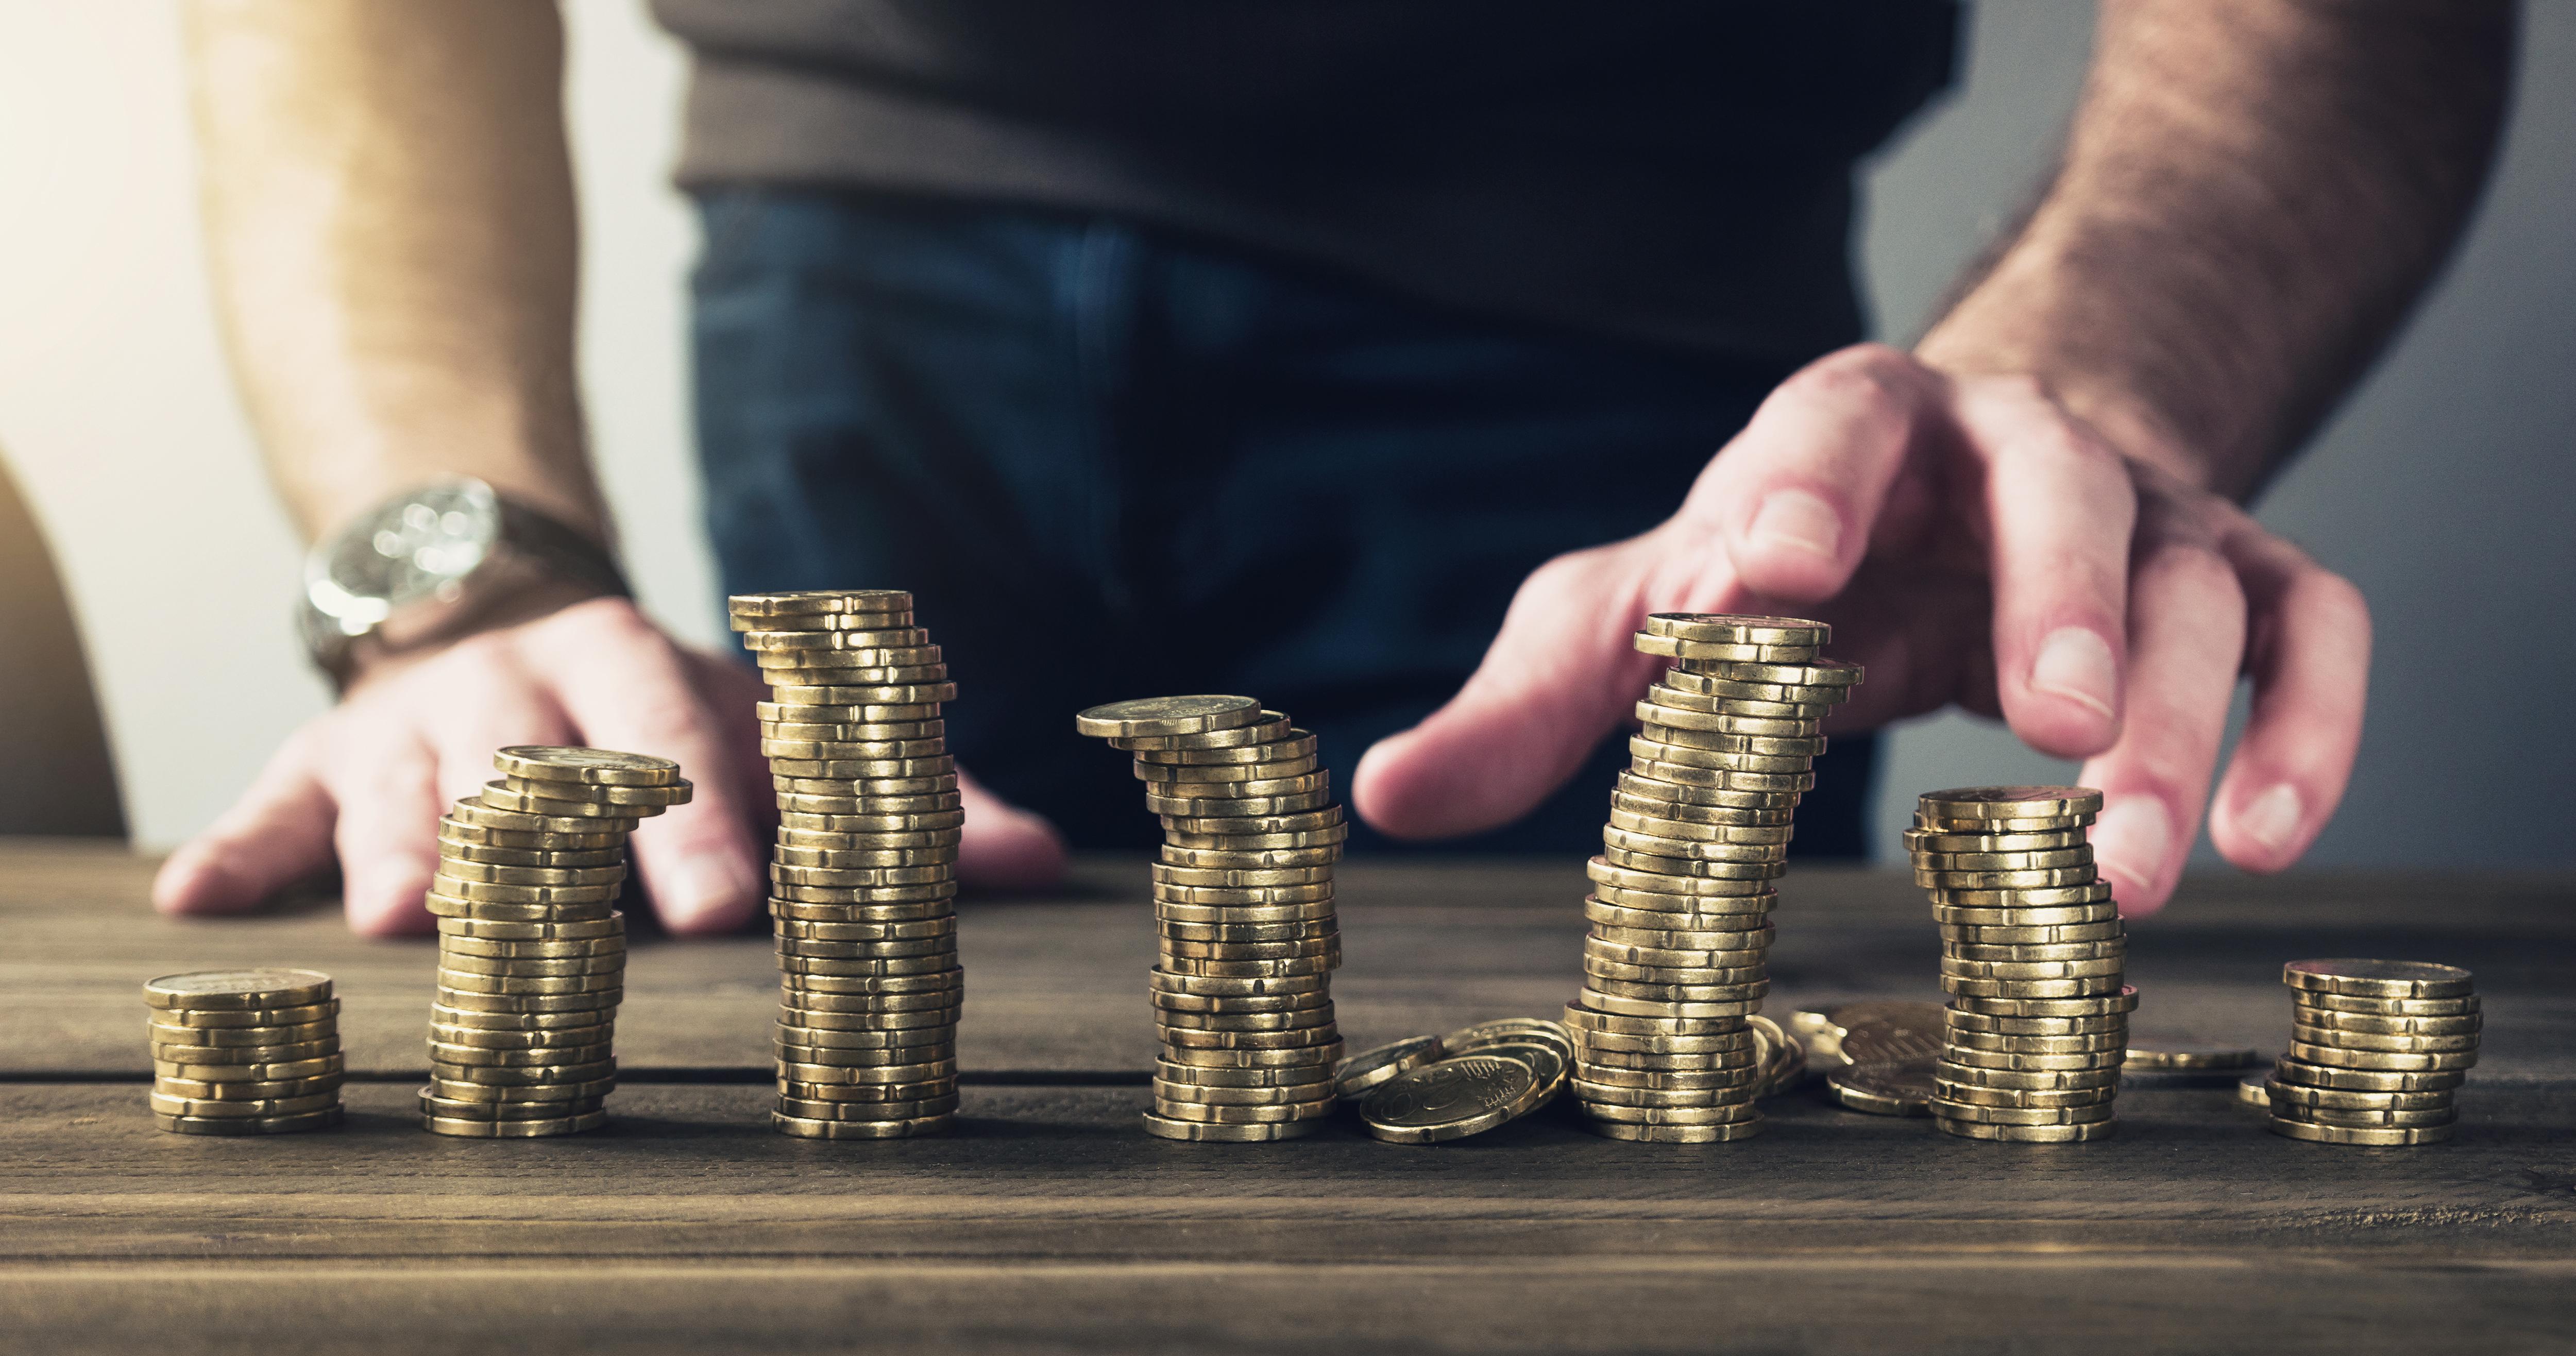 Mann stapelt Münzen auf Schreibtisch